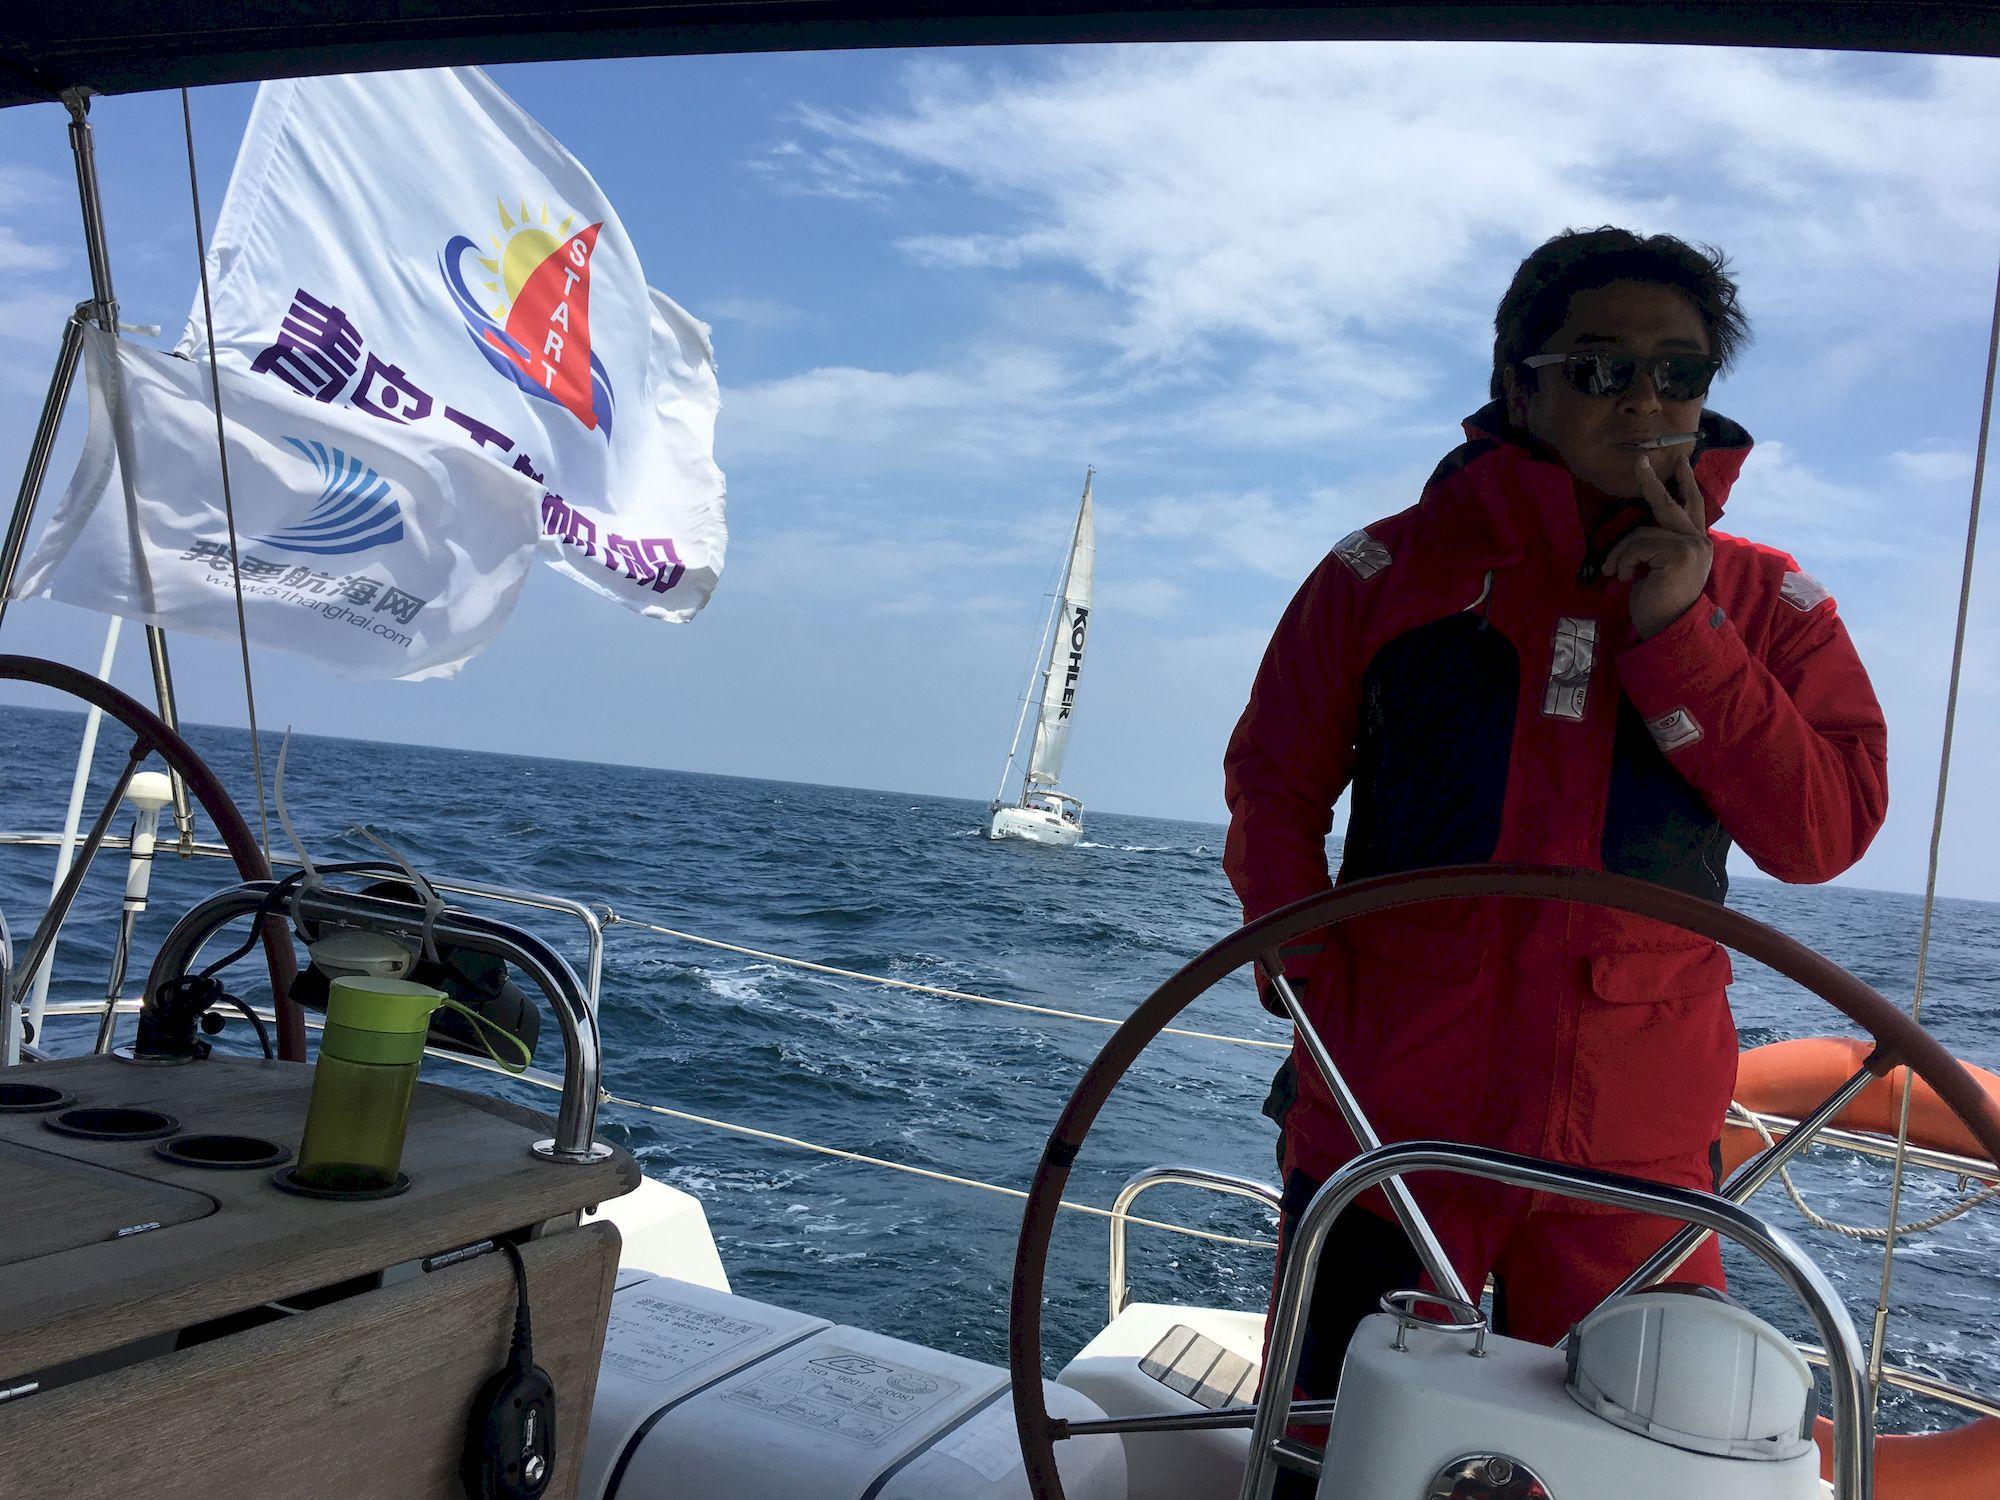 030-IMG_3480_千帆俱乐部我要航海网帆船队-2016威海-仁川国际帆船赛.JPG